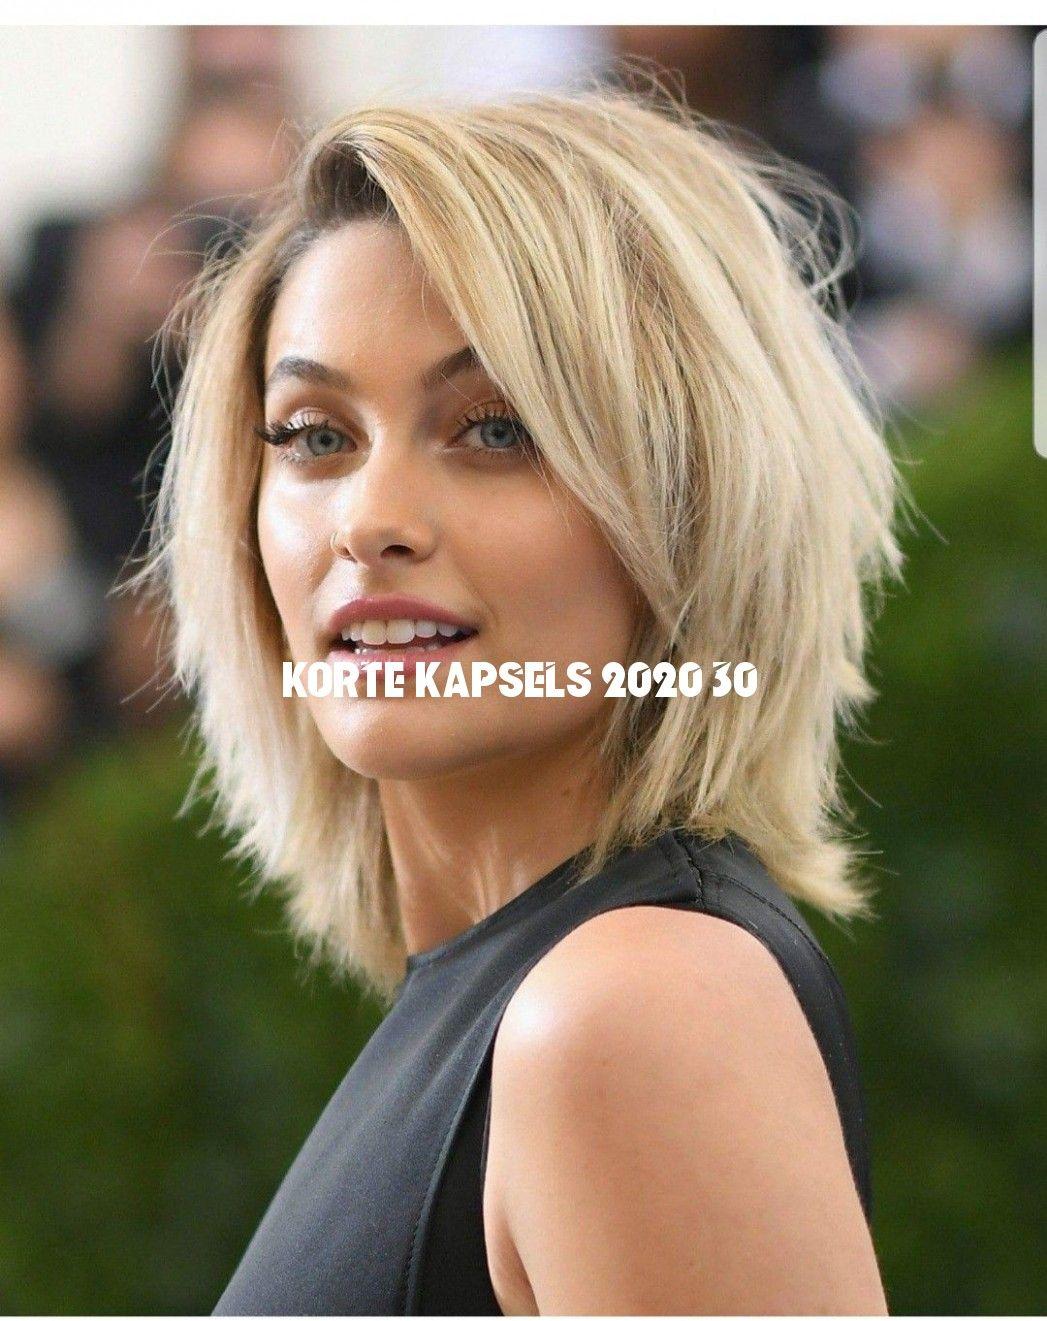 Top 10 Fantastische Ervaring Van De Korte Kapsels 2020 30 Van Dit Jaar Kapsels Laagjes Kapsel Halflang Blonde Kapsels